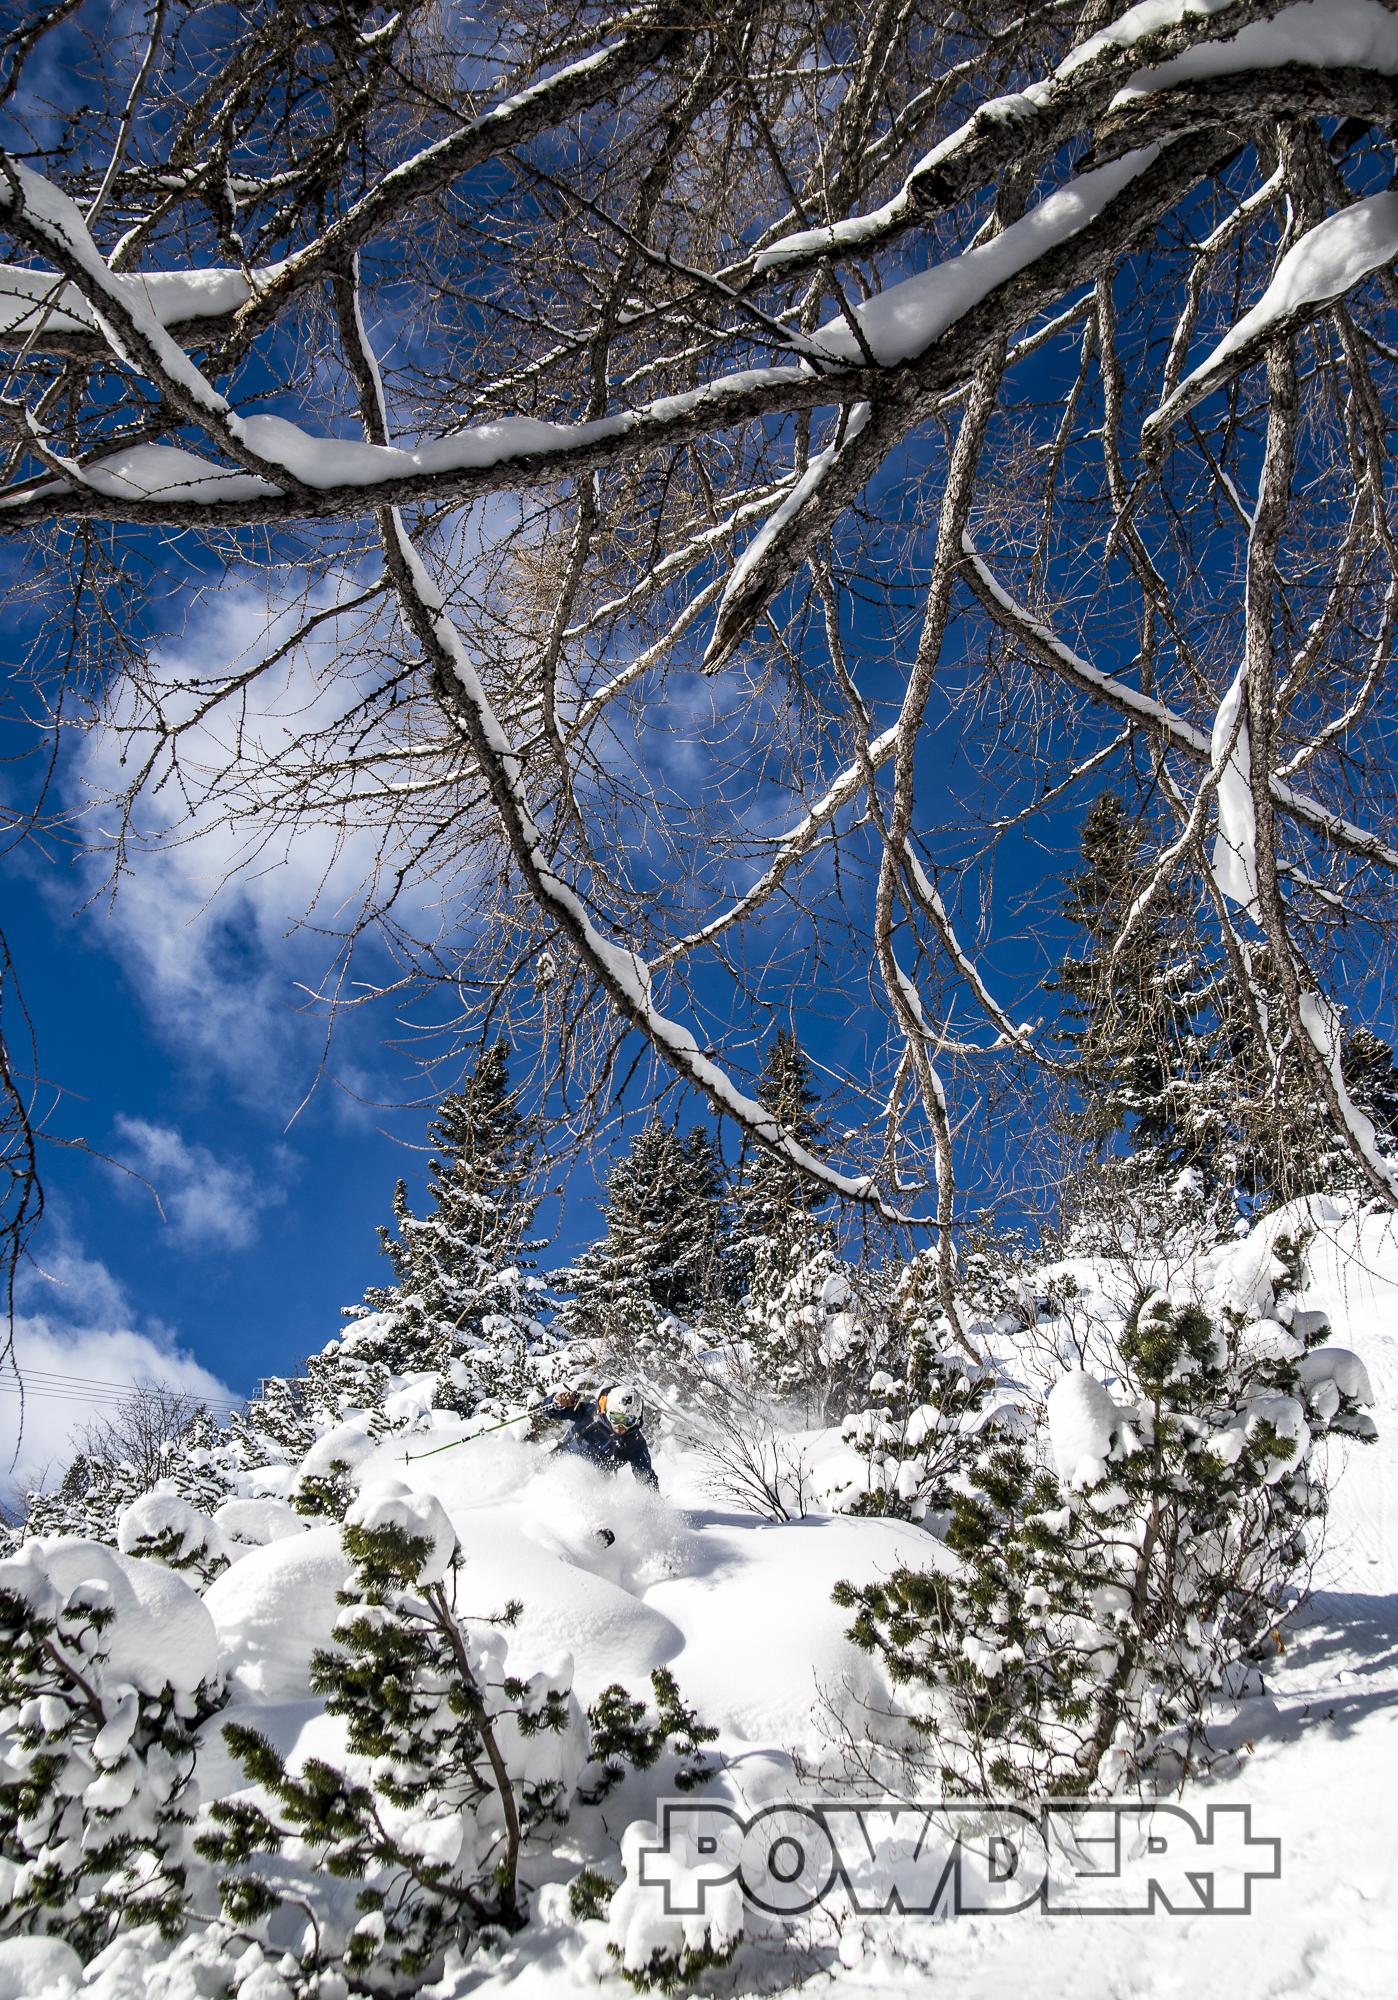 Powder, Ski Arlberg, Snowboard, Pulverschnee, Tiefschnee, freeride, Arlberg, St. Anton